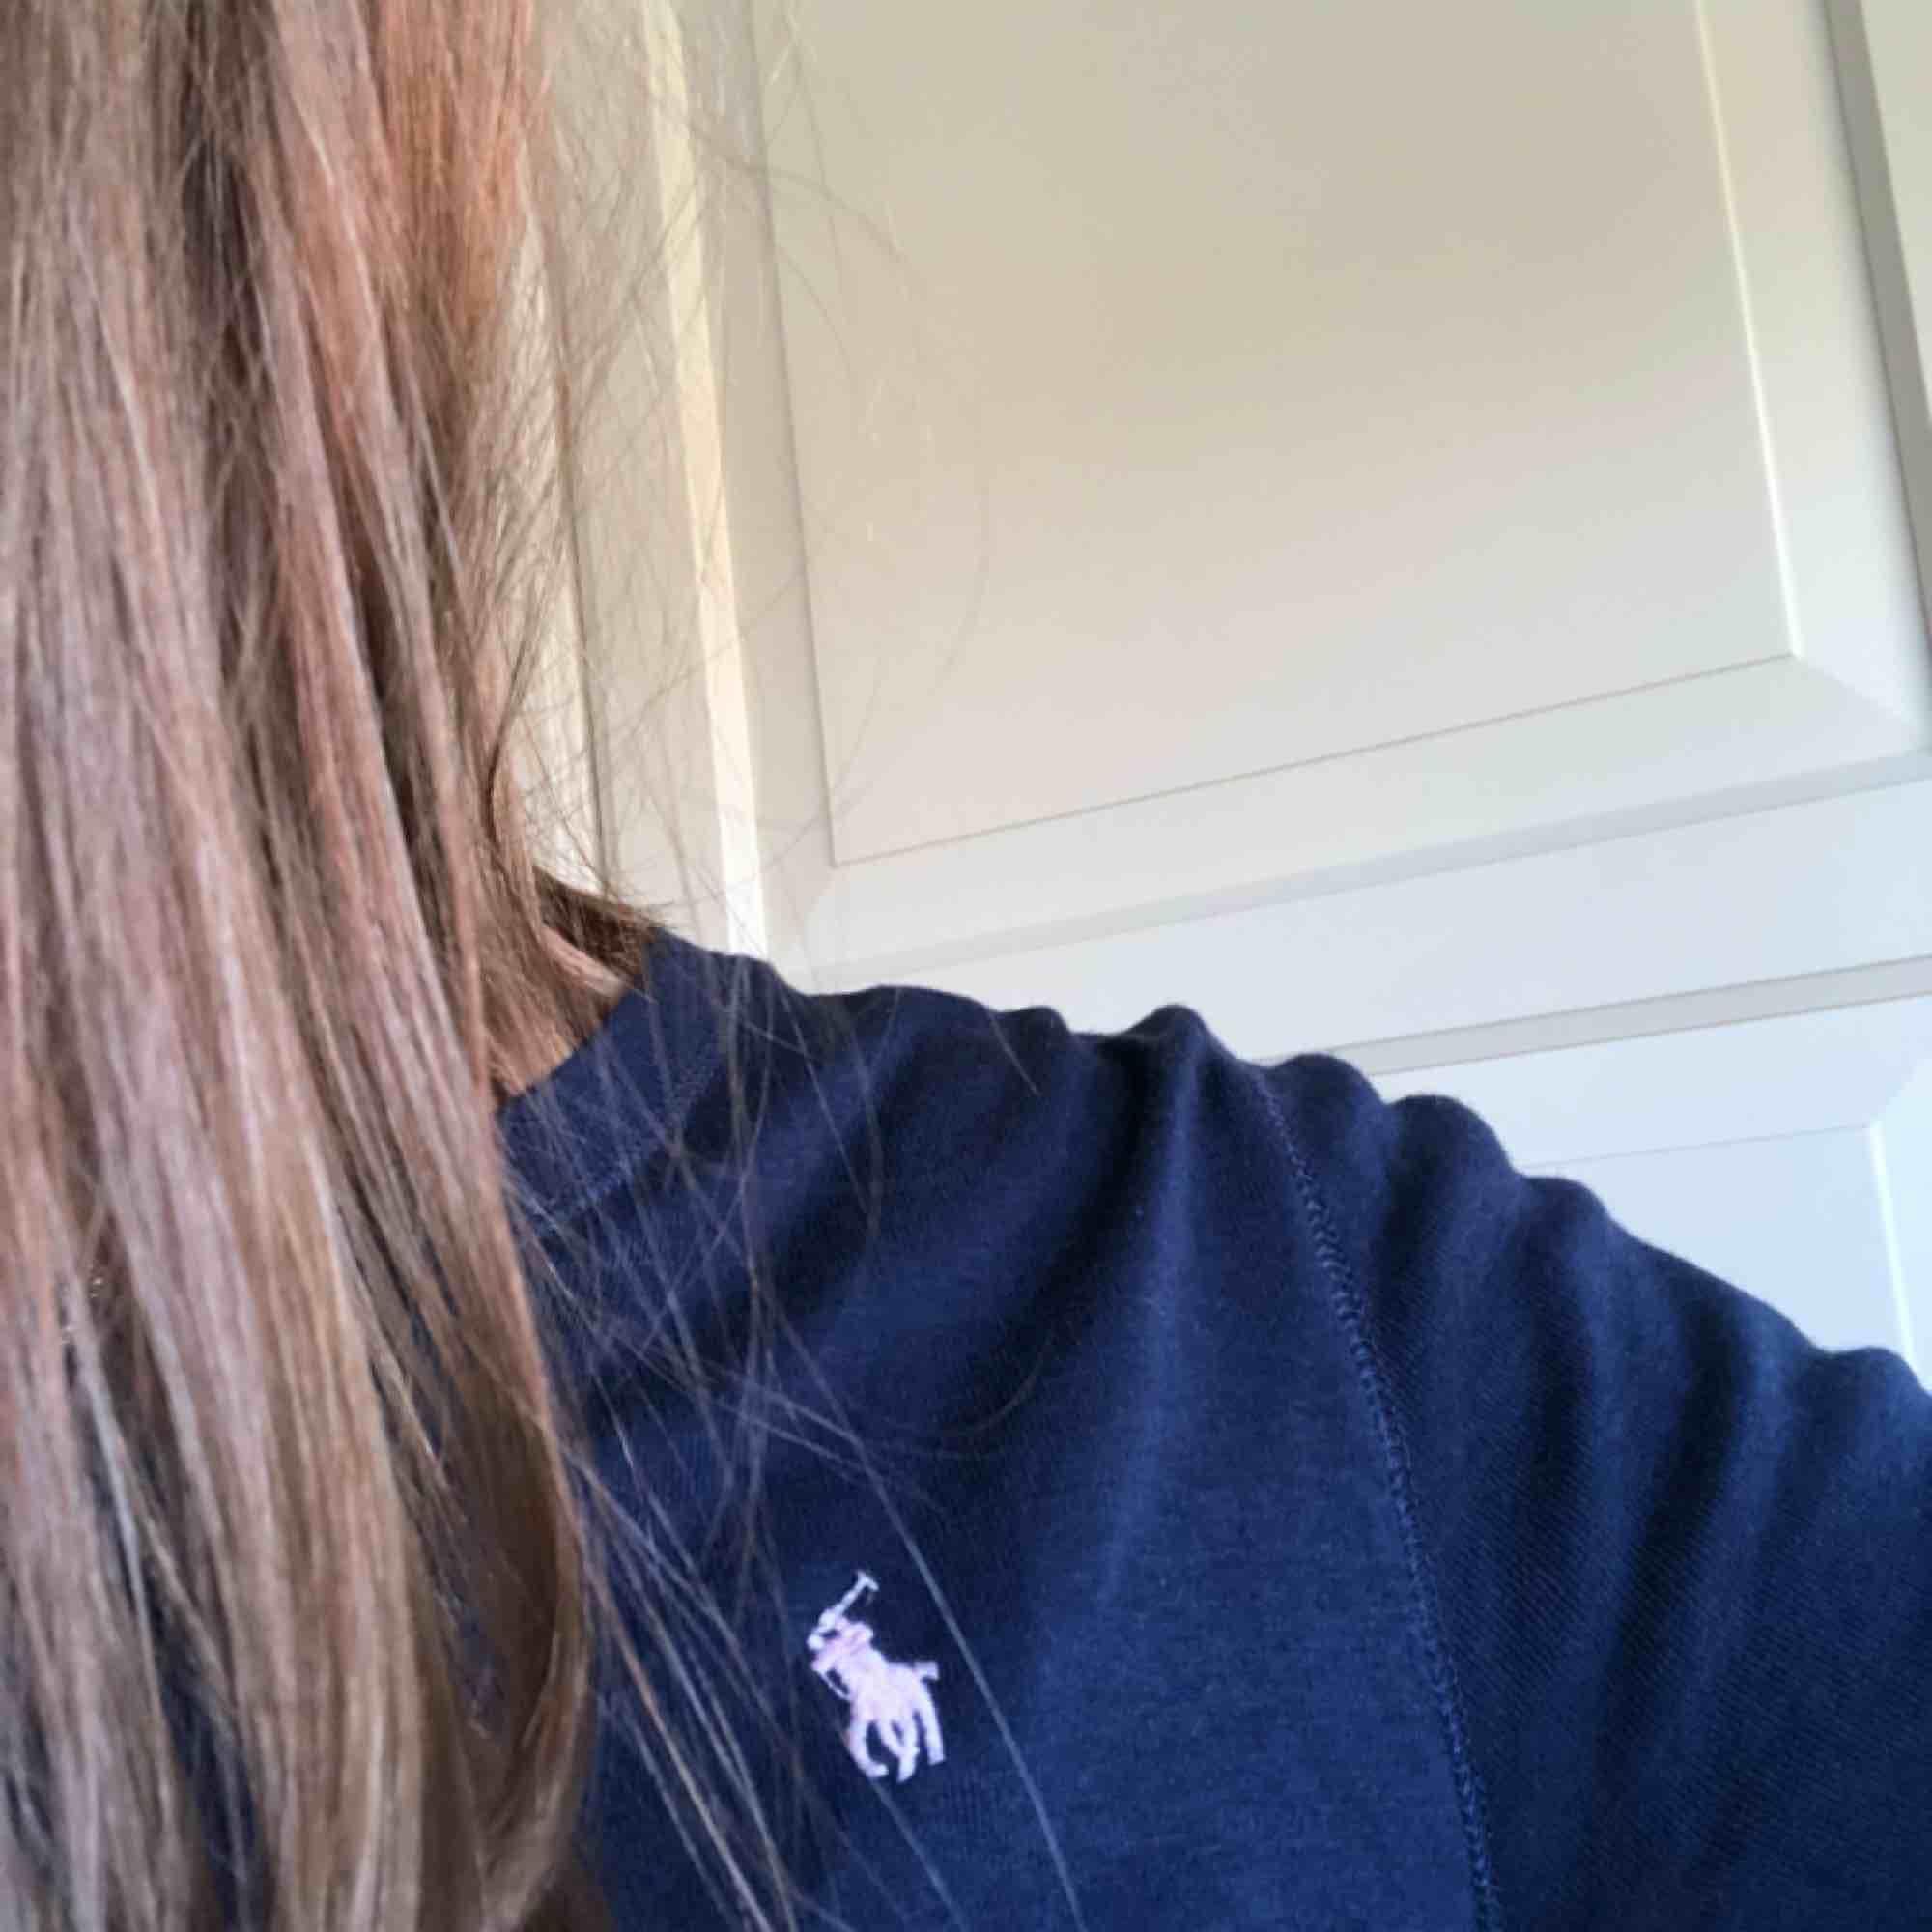 Långärmad tröja från Ralphlauren, marinblå med ljusrosa märke. Strl för 16 år men skulle bedöma som S/M. Säljer för att den är för stor på mig :(. Tröjor & Koftor.